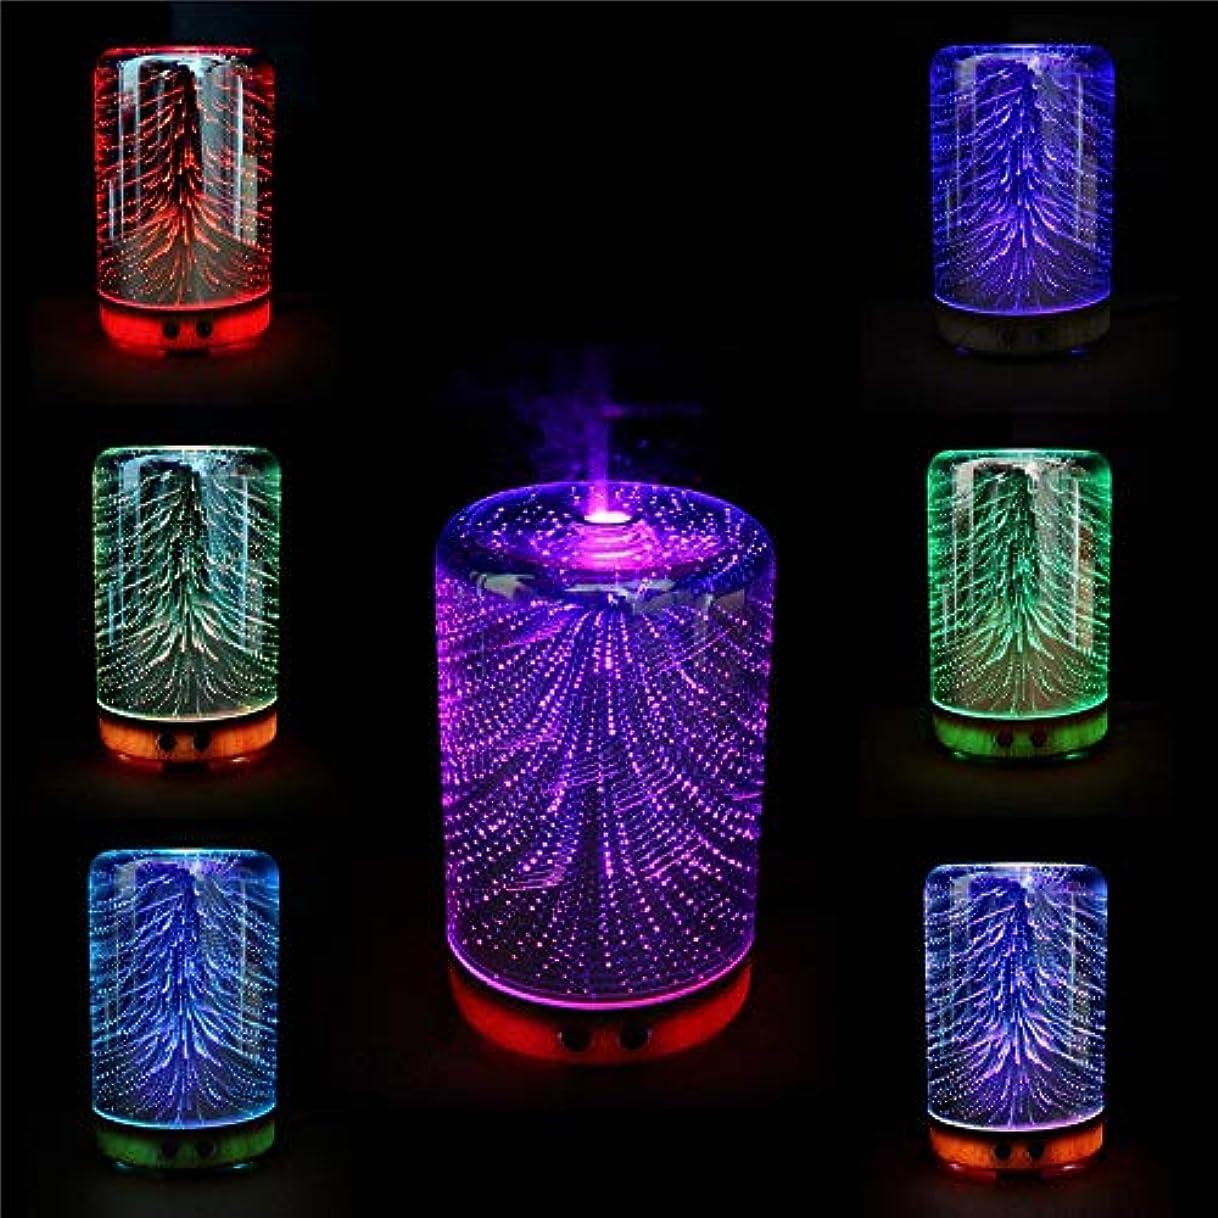 役割飲料きらきらFishagelo Color Changing 3D Lighting Essential Oil Aroma Diffuser Ultrasonic Mist Humidifier Aromatherapy 141[...